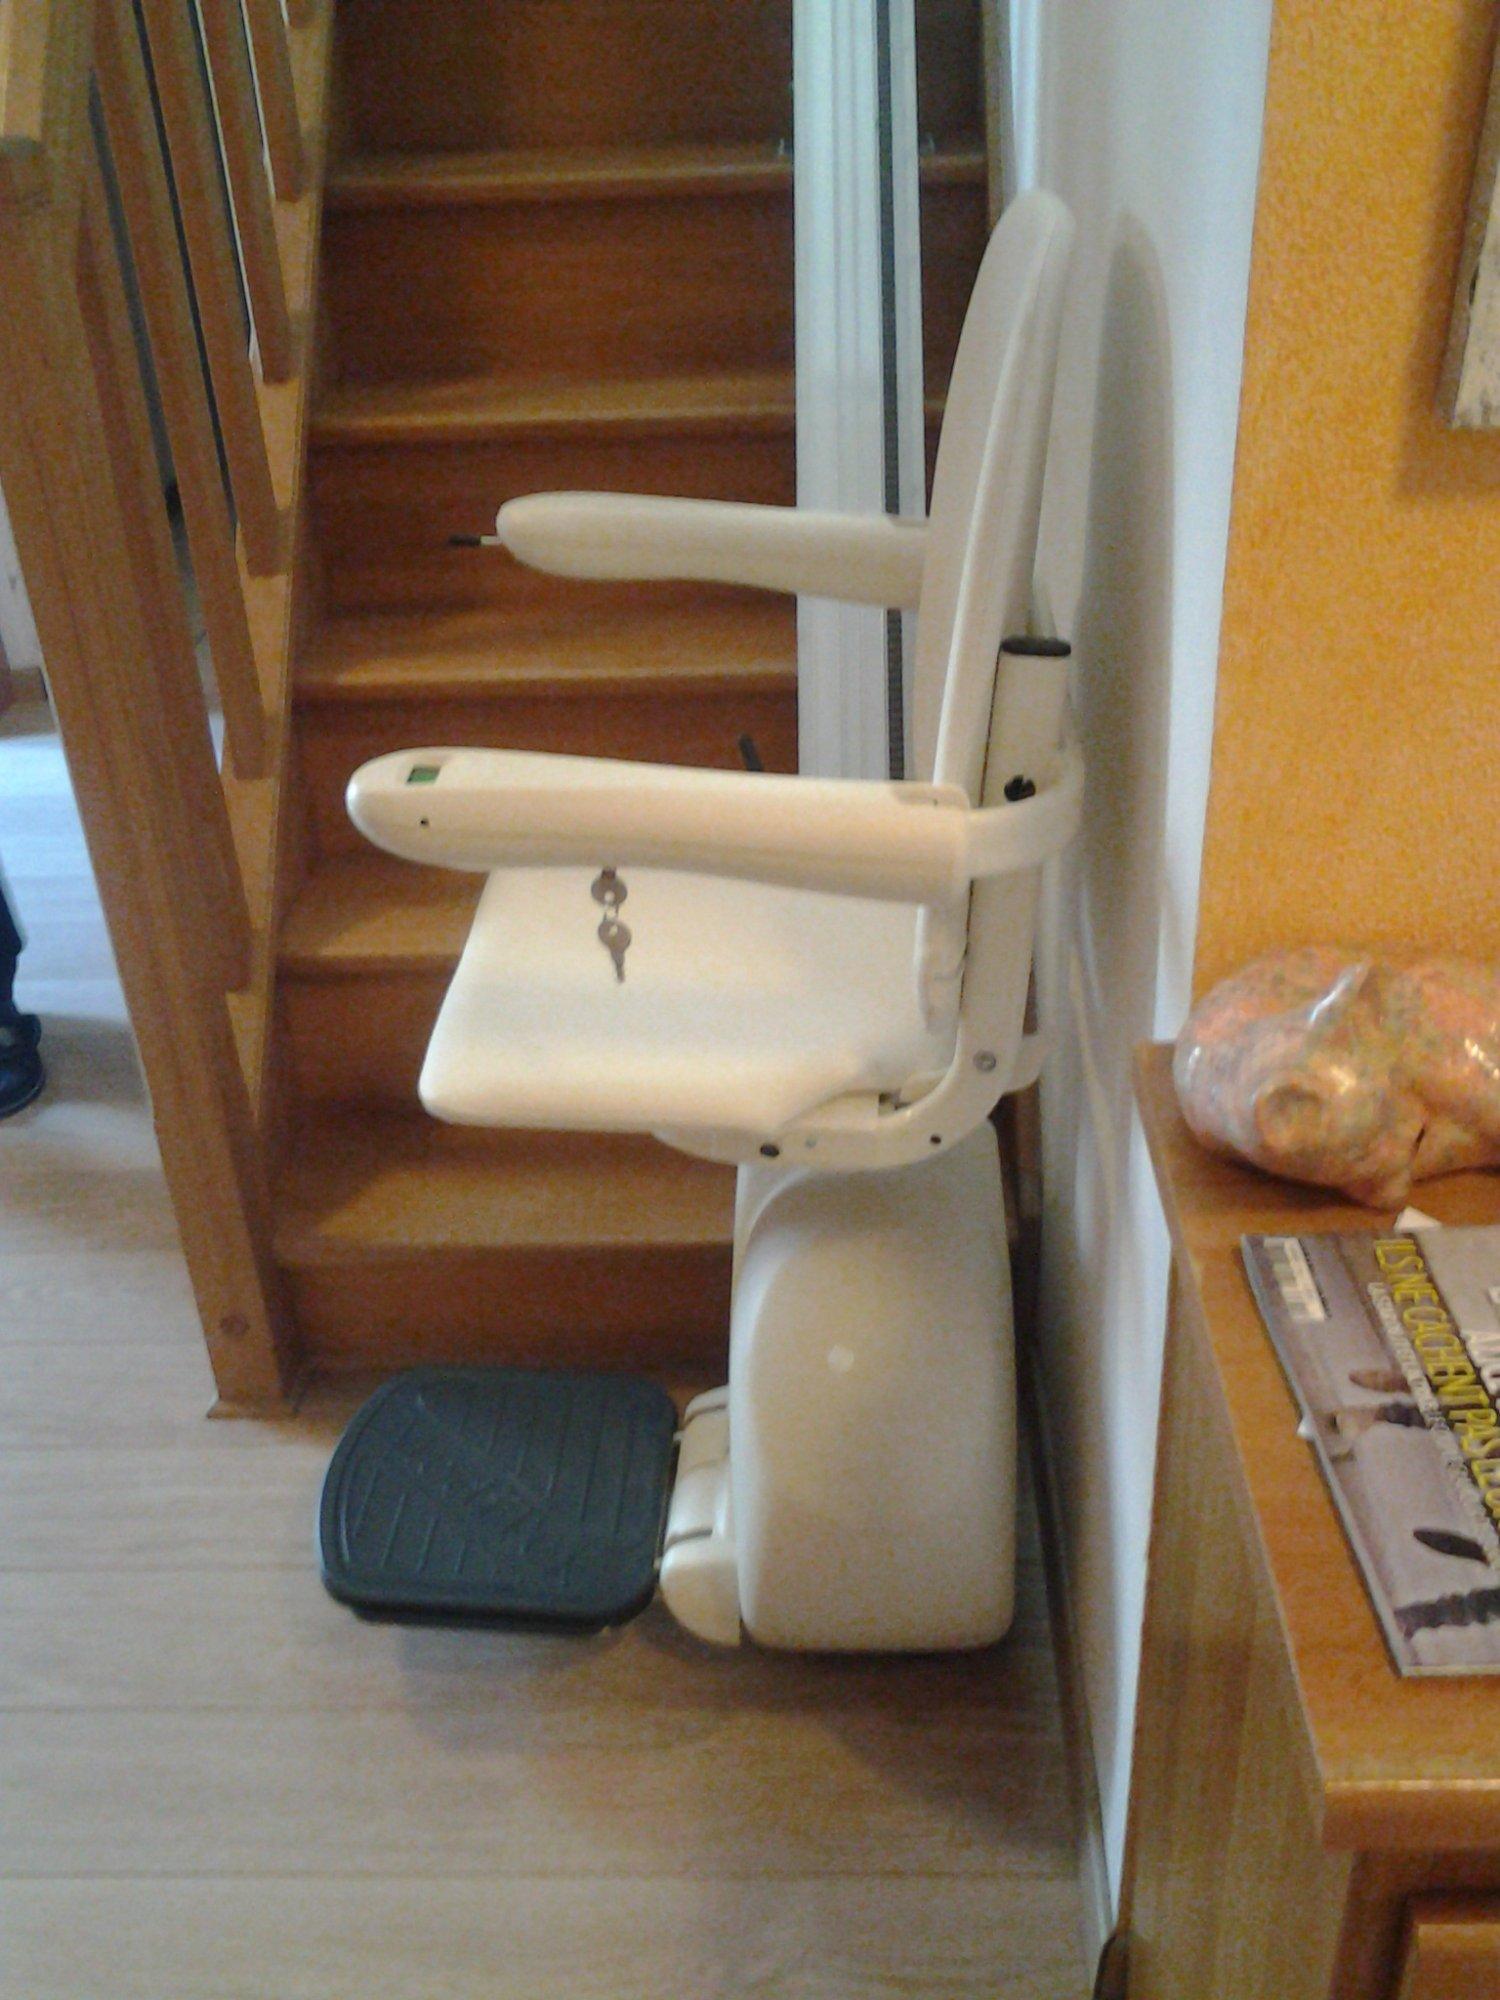 fauteuil pour escalier droit meditek e120 120 kg ascenseur modernisation service. Black Bedroom Furniture Sets. Home Design Ideas